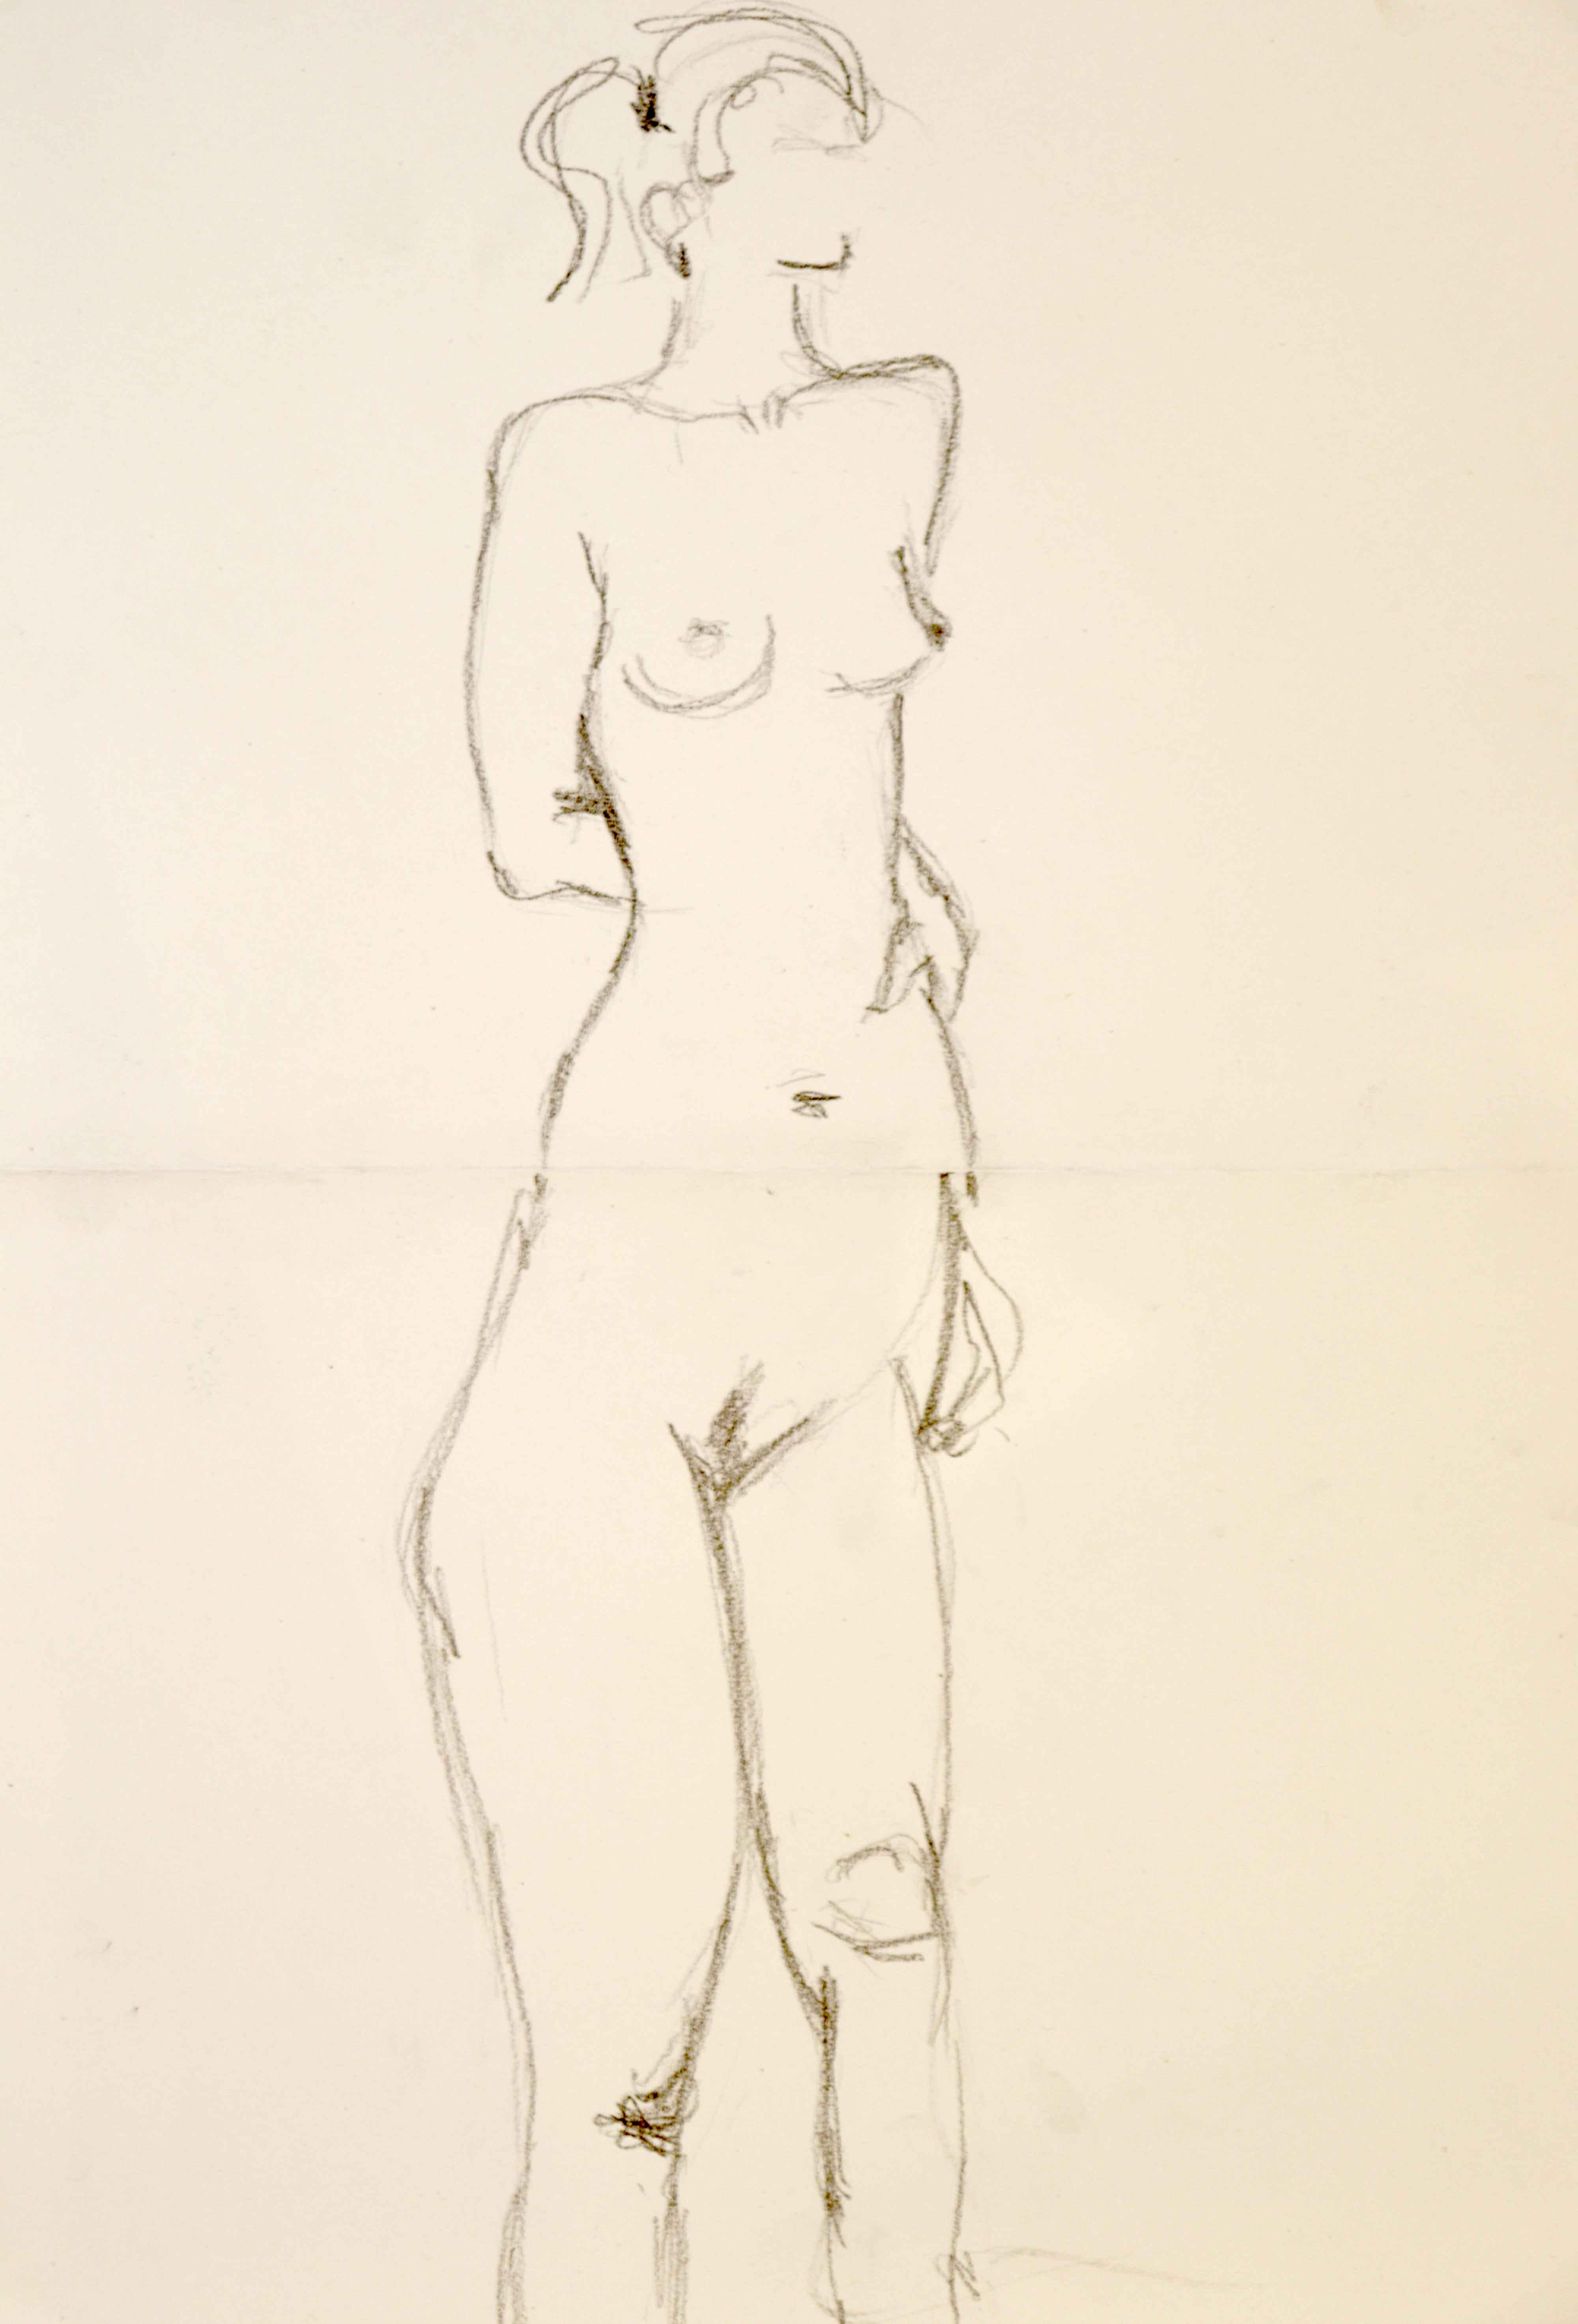 Composition deux de mod�le vivant dessin au graphite sur papier  cours de dessin